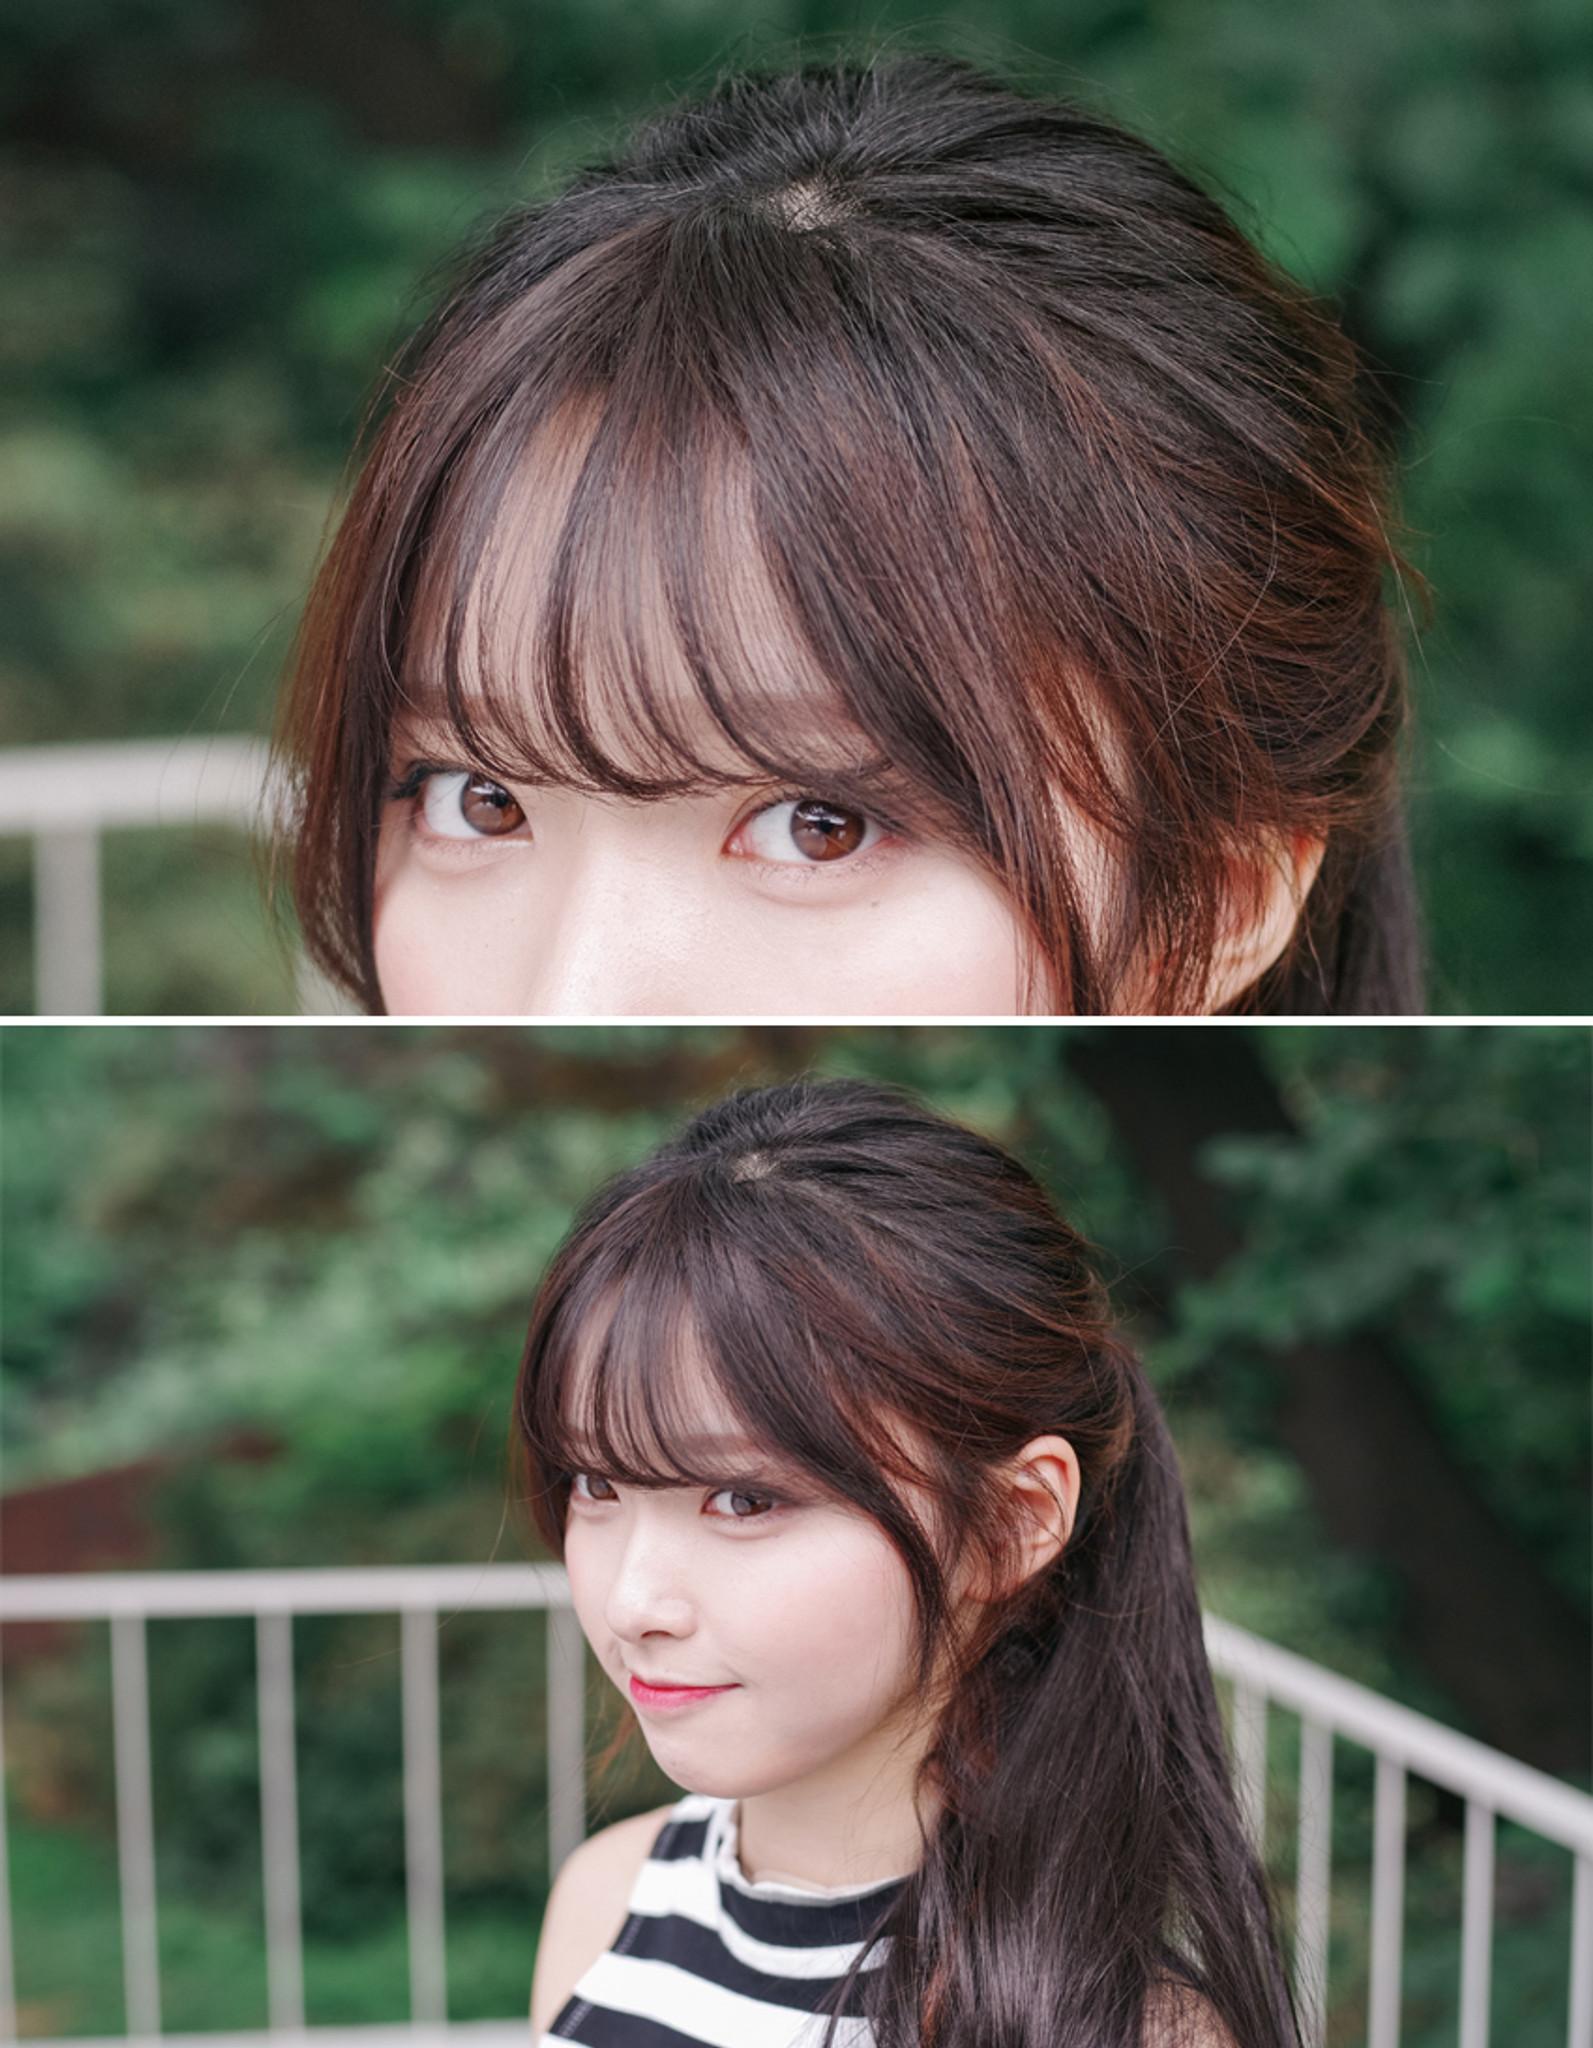 Korean bangs thin version non shiny - GIRLHAIRDO.COM ...